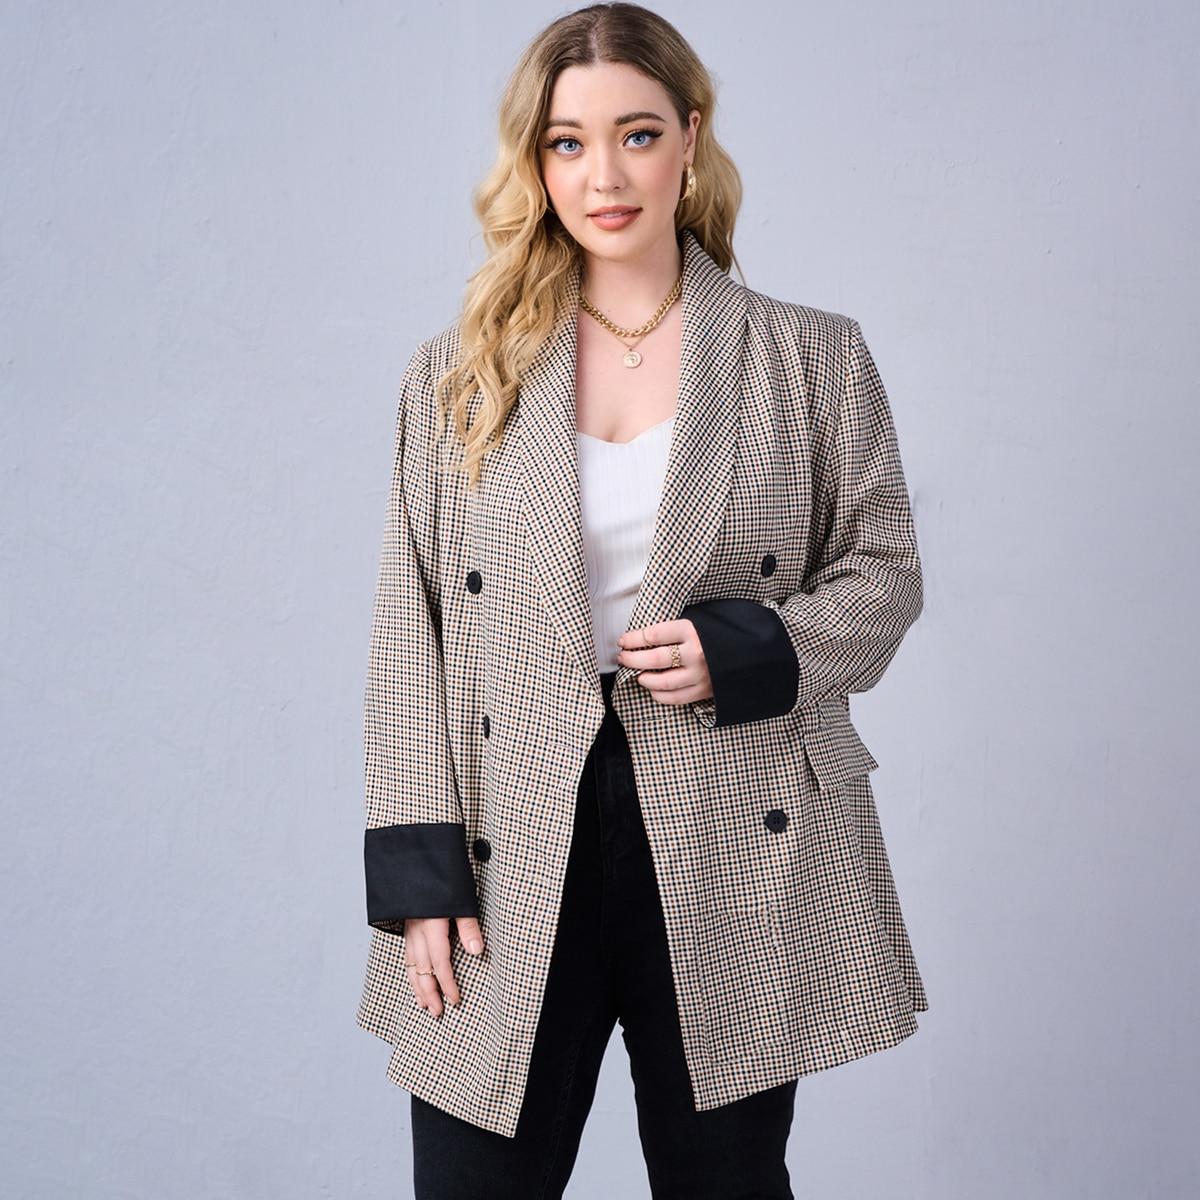 Пиджак размера плюс в клетку с карманом-обманкой с пуговицами